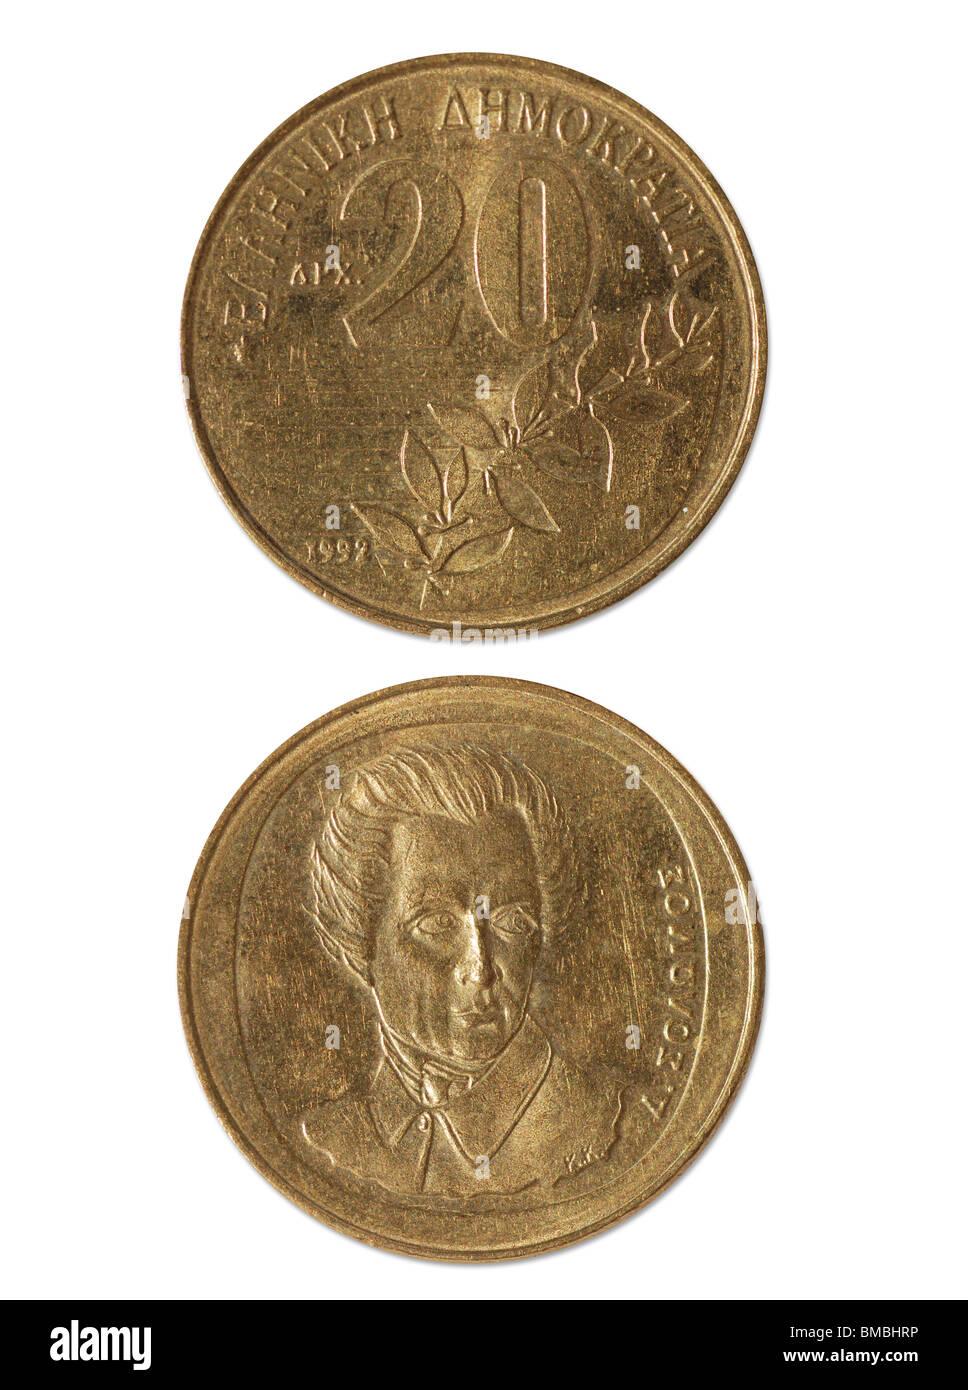 20 la antigua Grecia Drachmen dinero Foto de stock